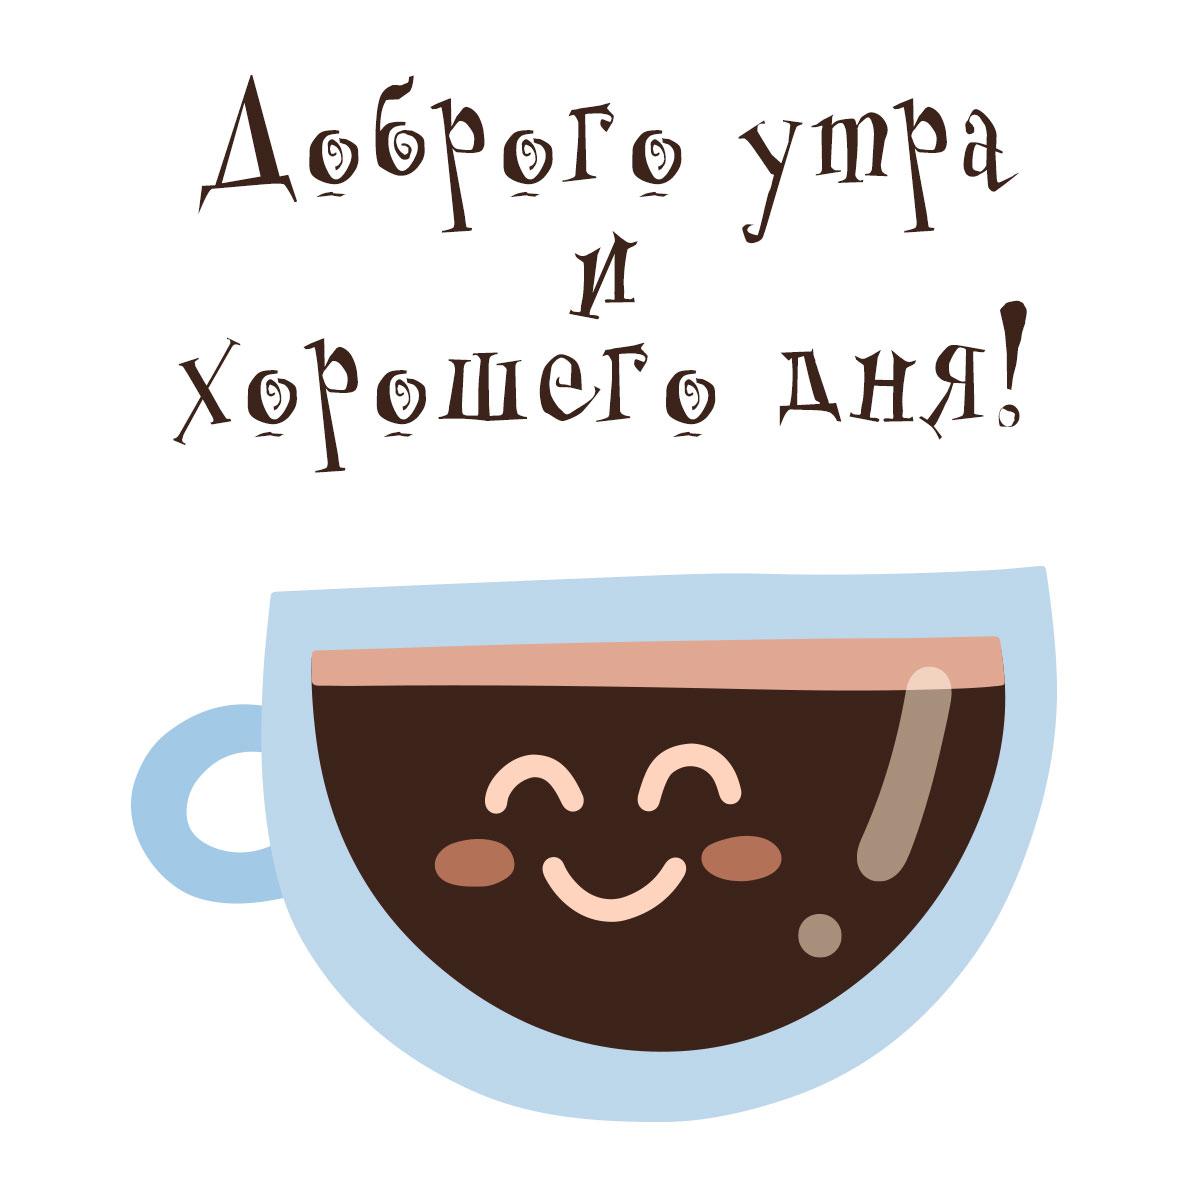 Картинка с добрым утром хорошего дня: символ полукруглой чашки кофе на белом фоне с надписью.